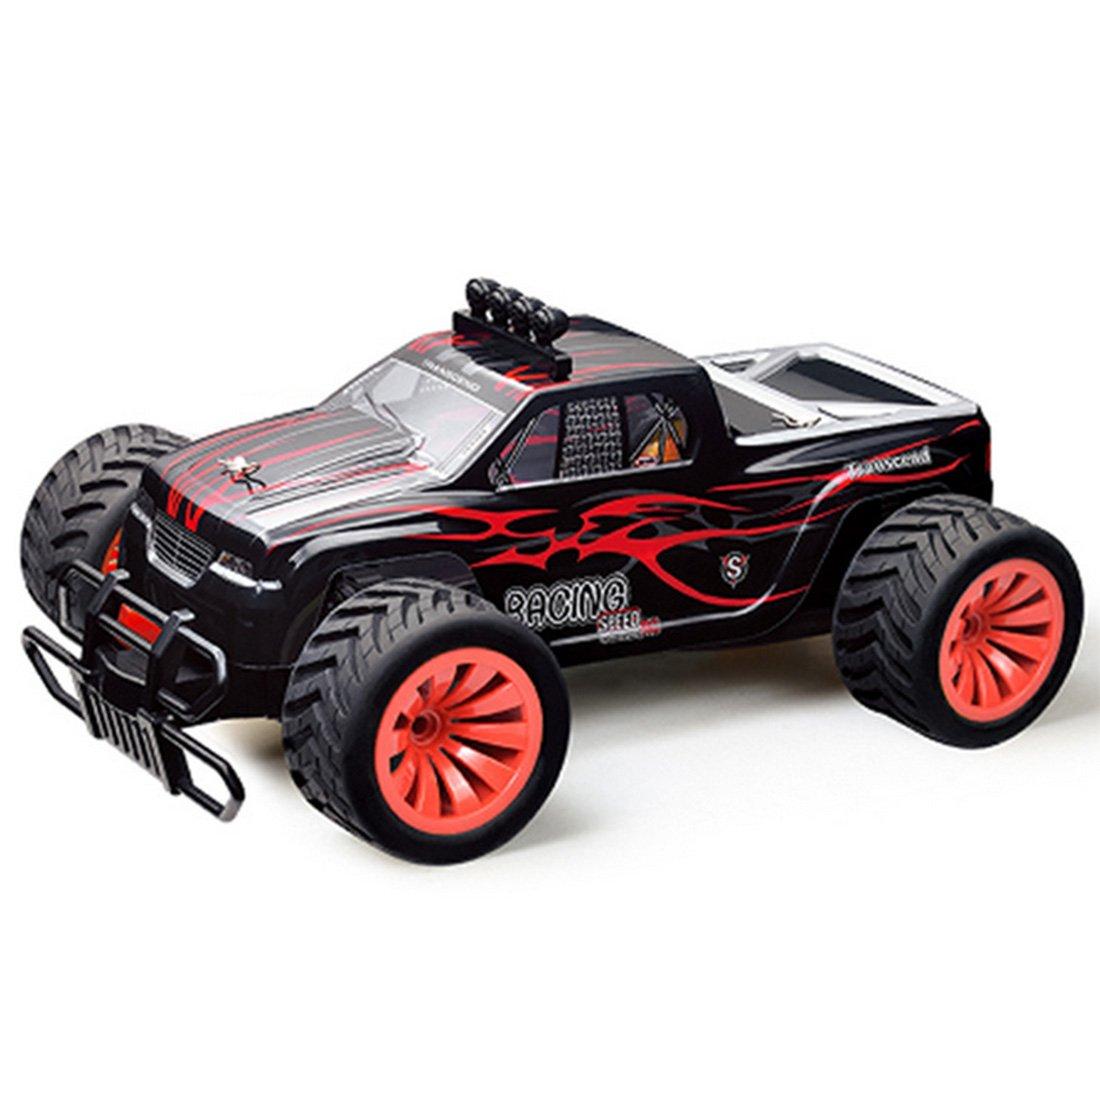 RC Auto Spielzeug, Lommer BG1502 2,4G 1:16 Full-scale Racing Geländewagen High-speed RC Auto (Rot)